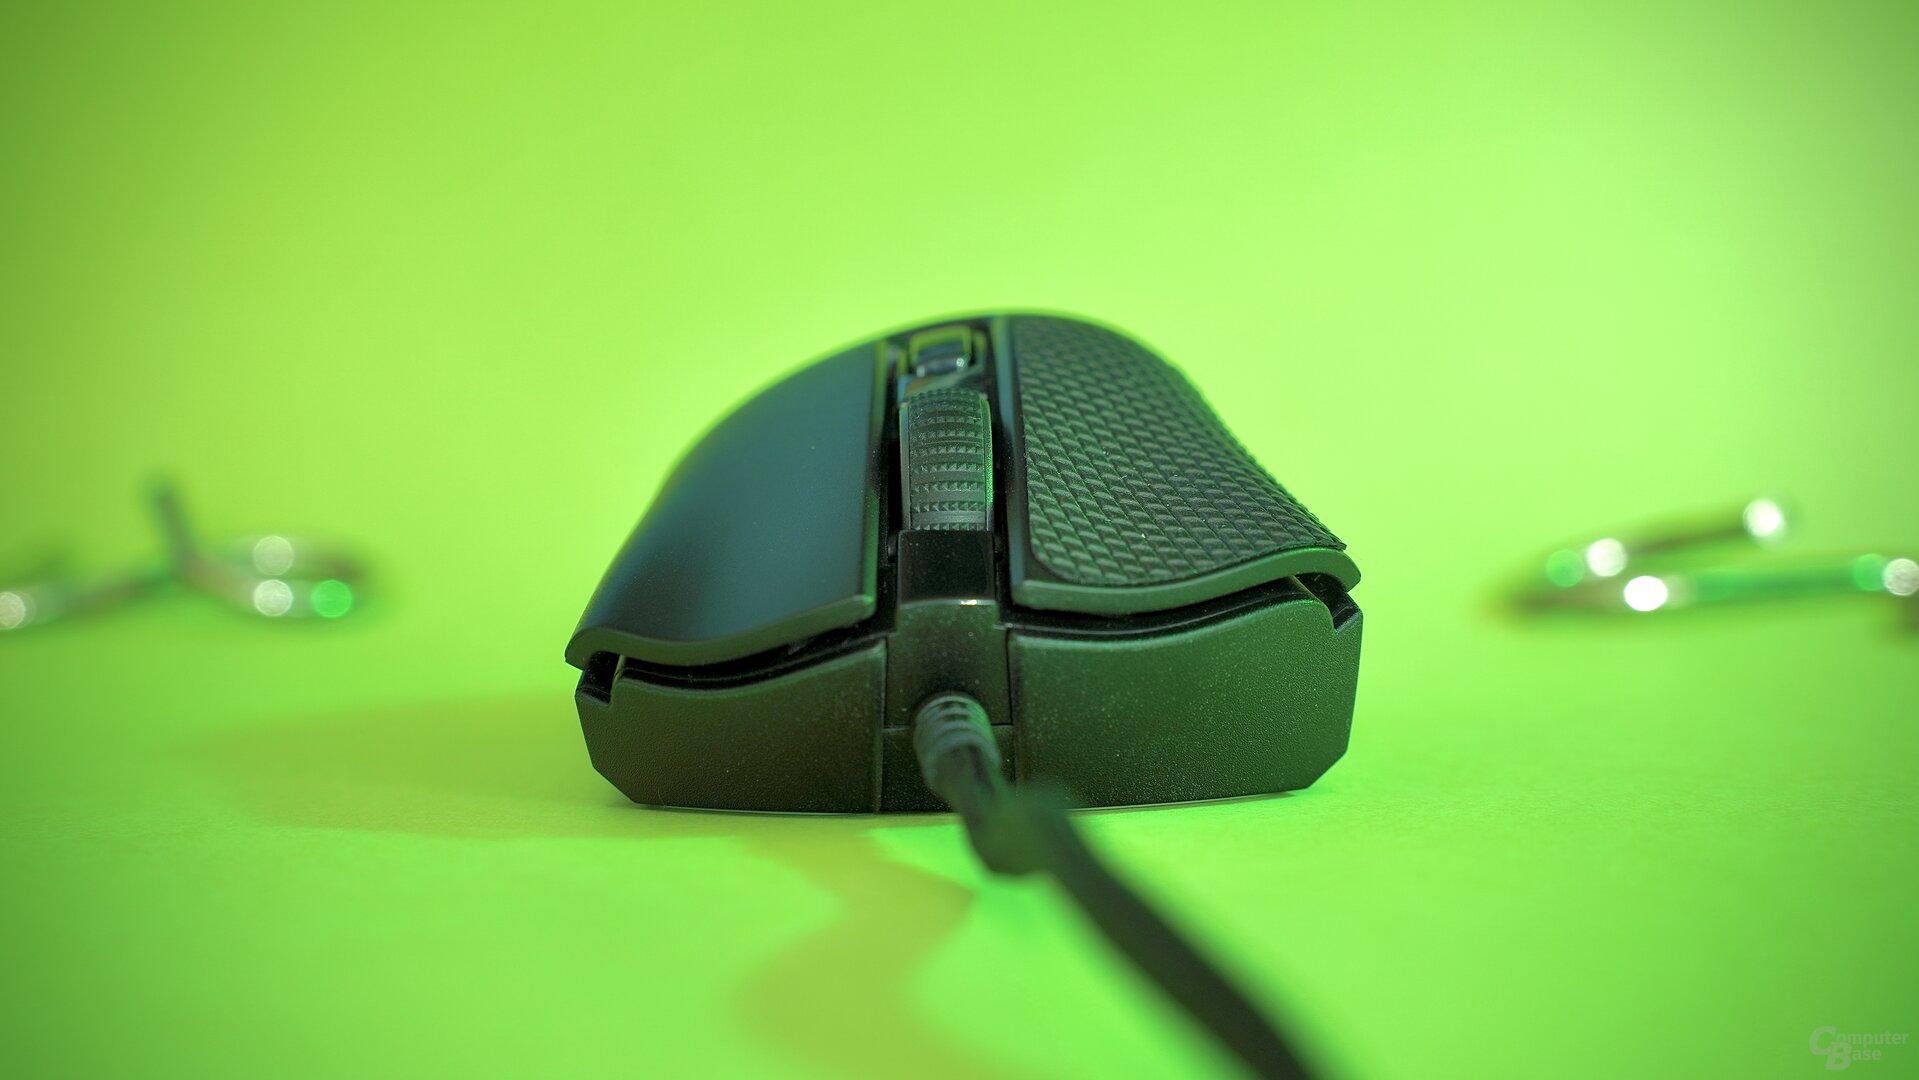 Razer DeathAdder V2 Mini mit Grip-Tapes auf der linken Primärtaste